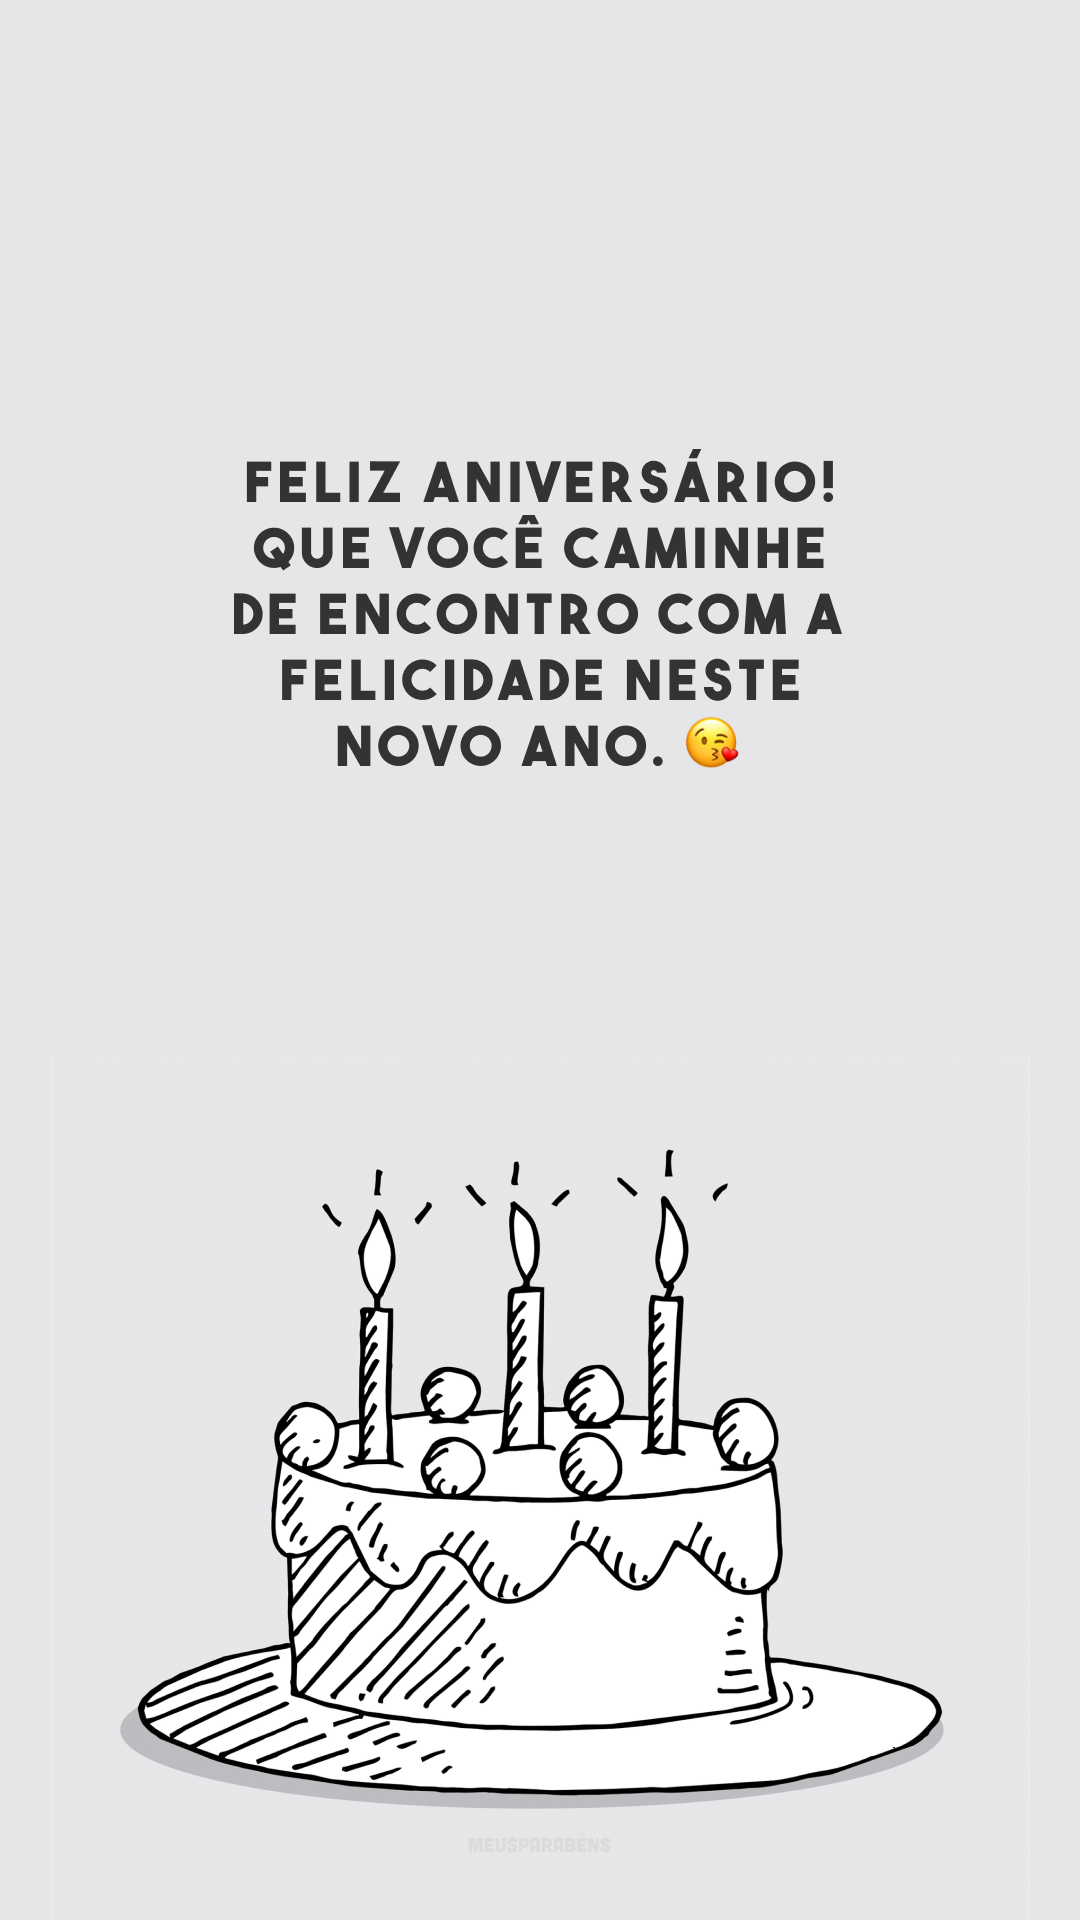 Feliz aniversário! Que você caminhe de encontro com a felicidade neste novo ano. 😘